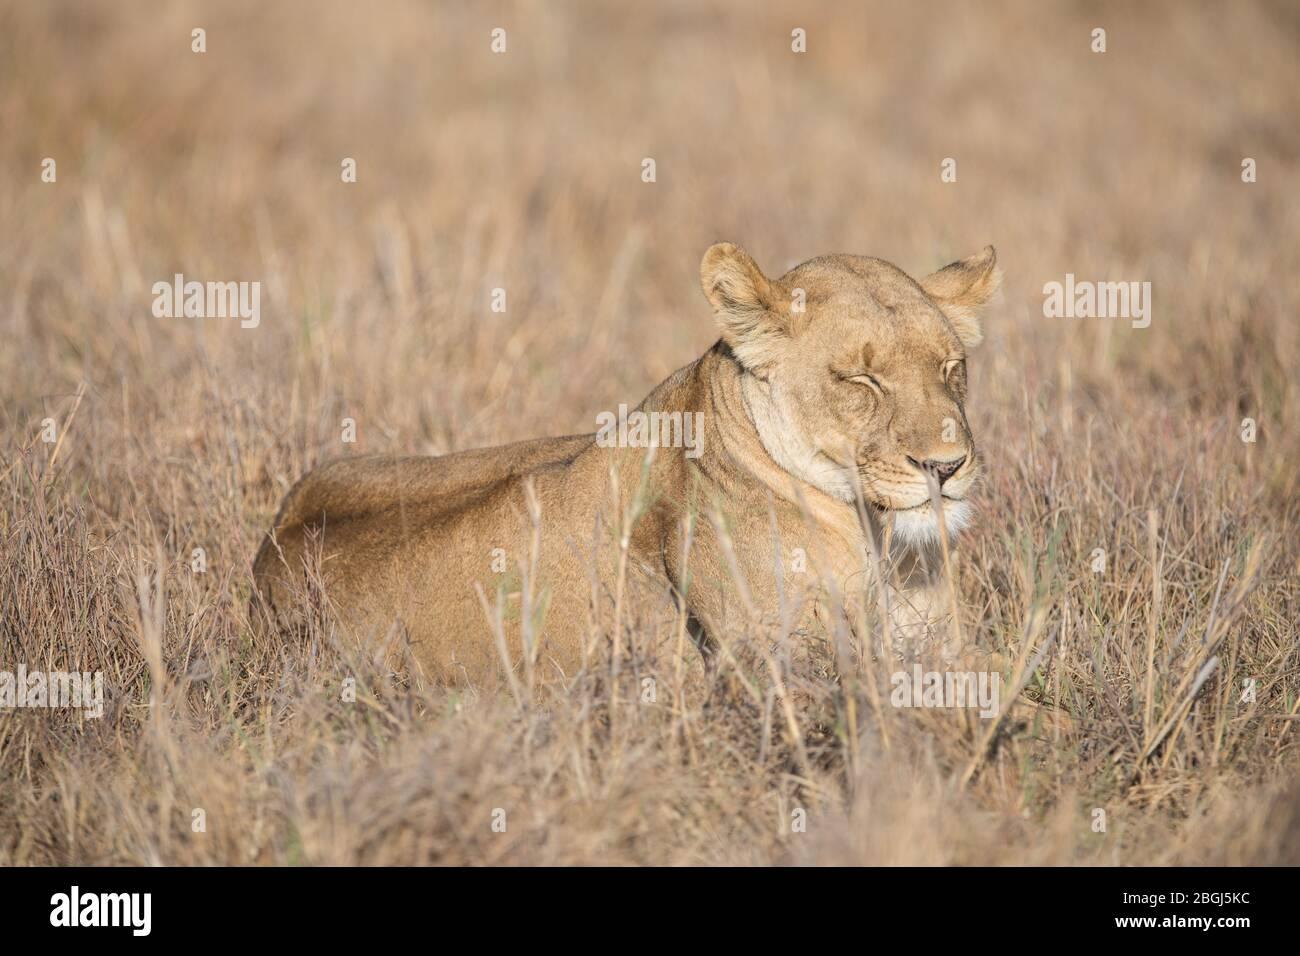 Busanga Plains, una destinazione esclusiva per safari nel Parco Nazionale di Kafue, Nord-Occidentale, Zambia, è sede di un orgoglio di leoni africani, Panthera leo. Foto Stock